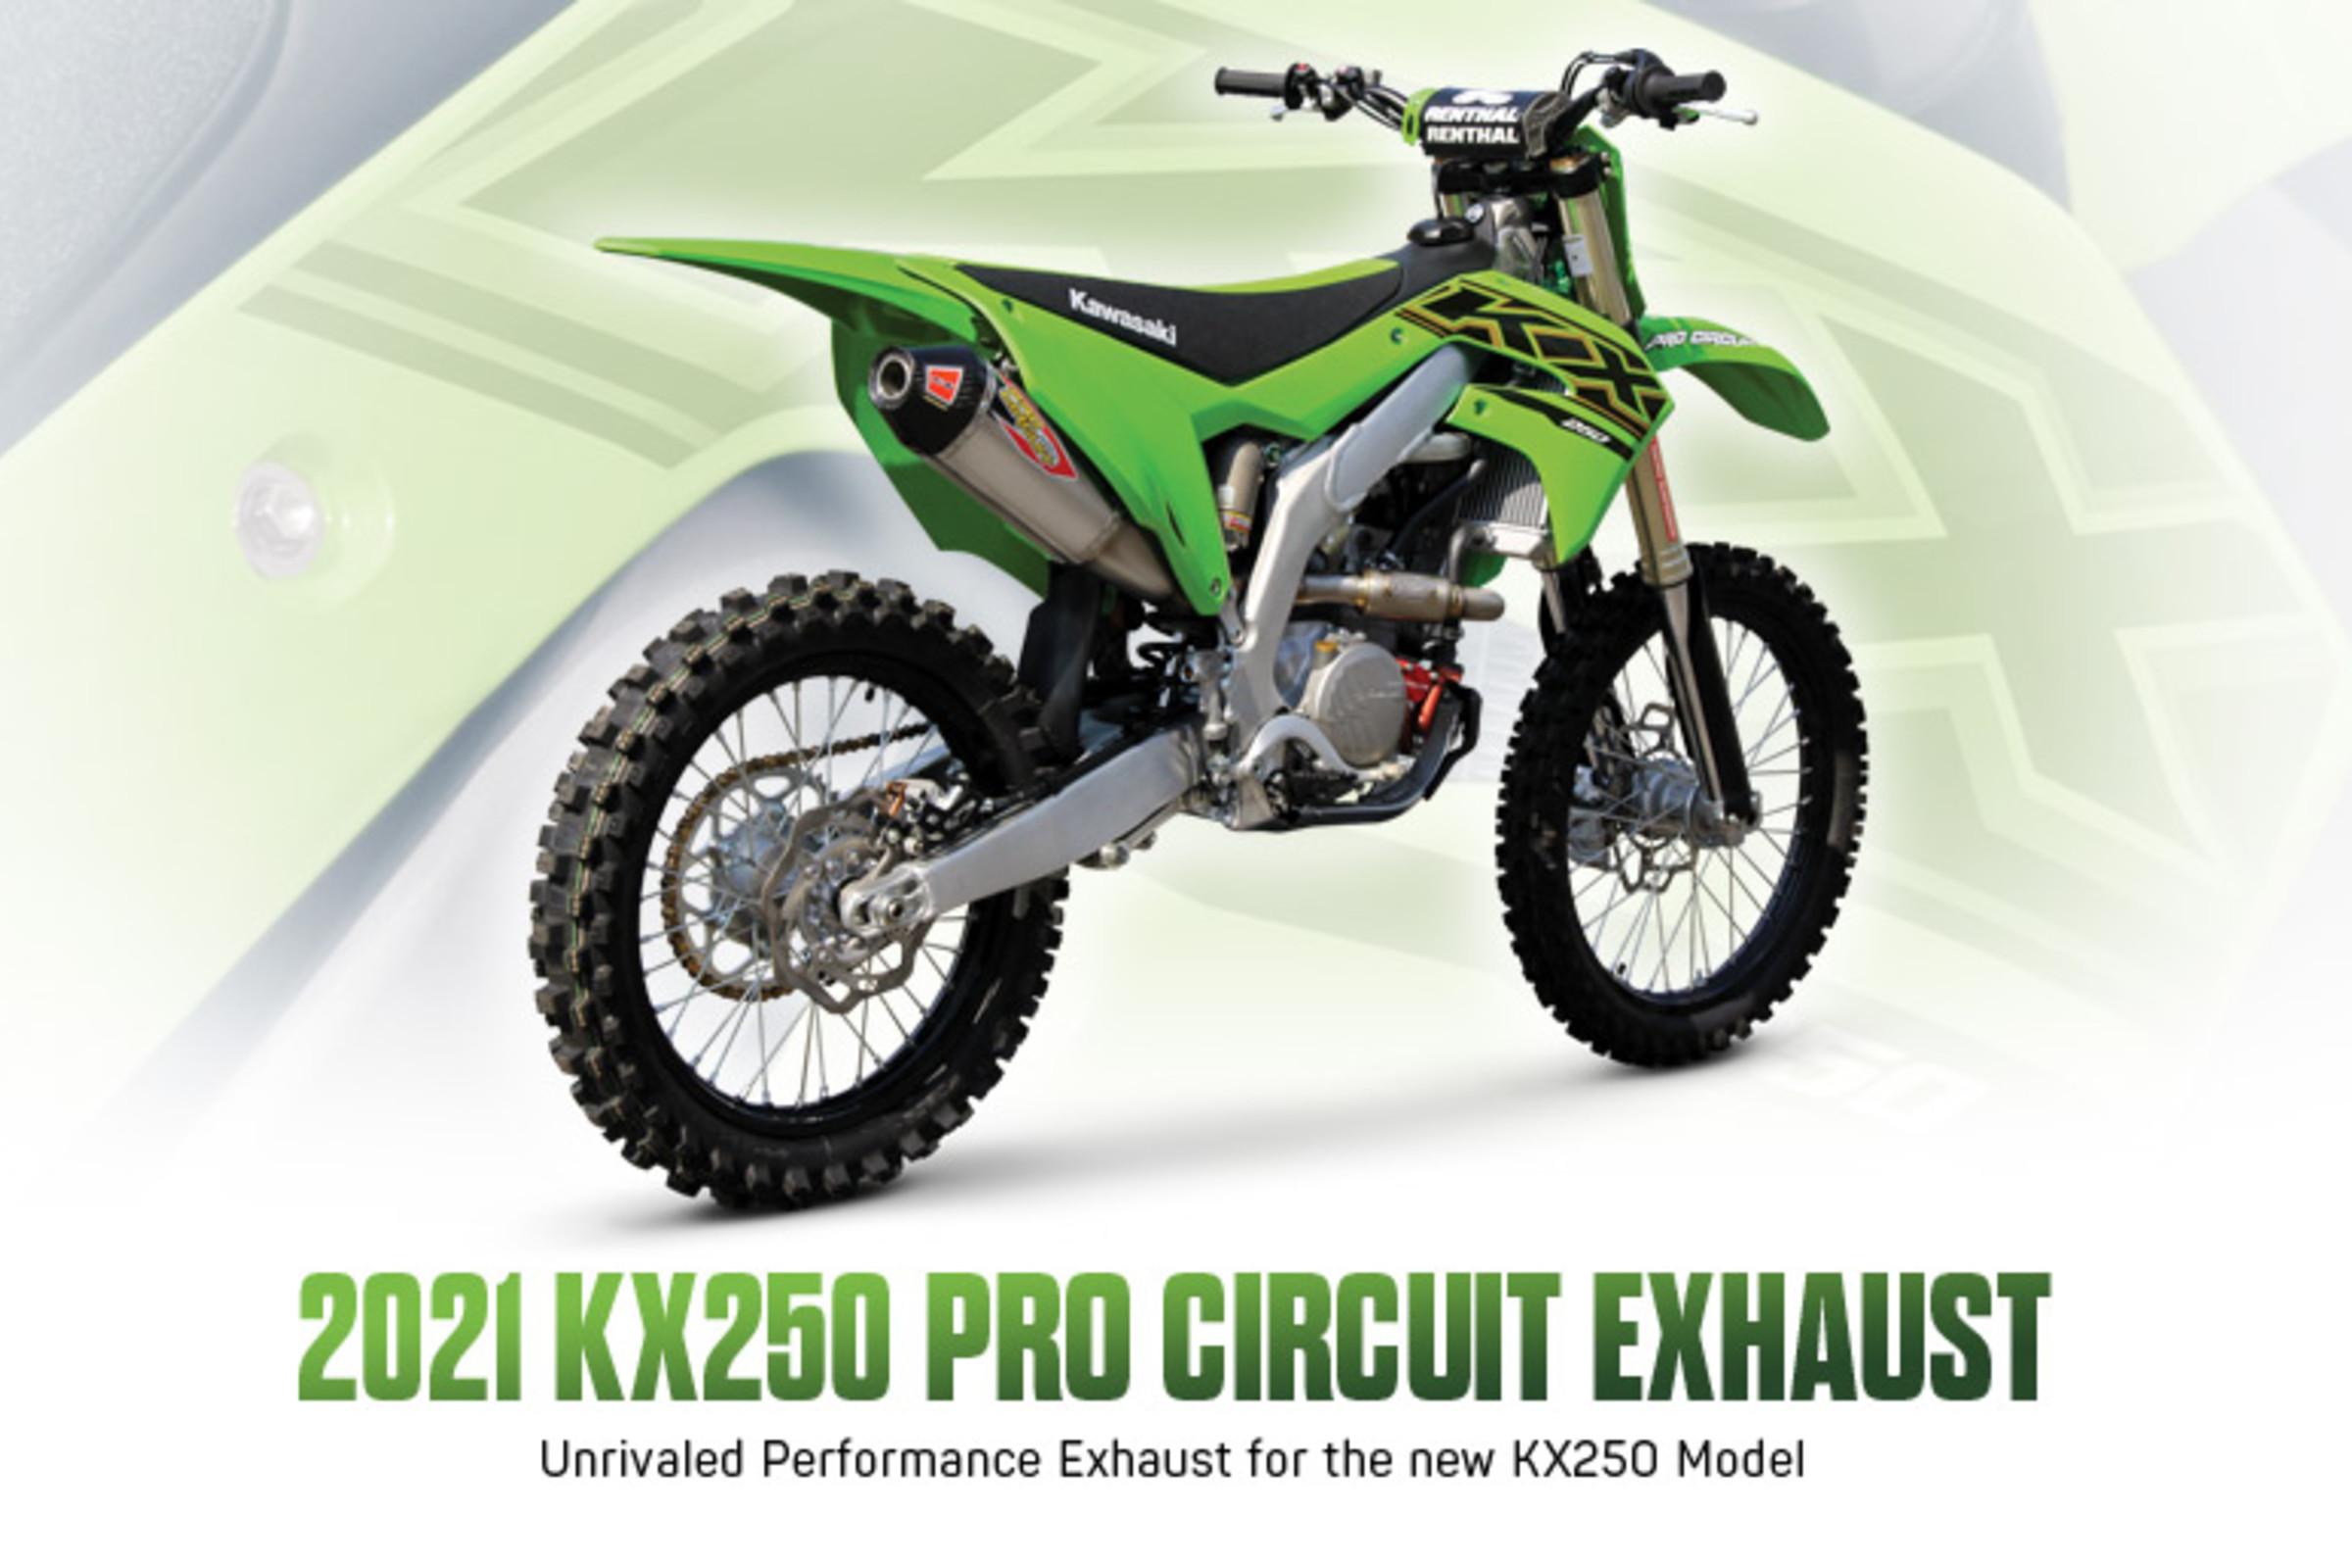 pro circuit introduces 2021 kawasaki